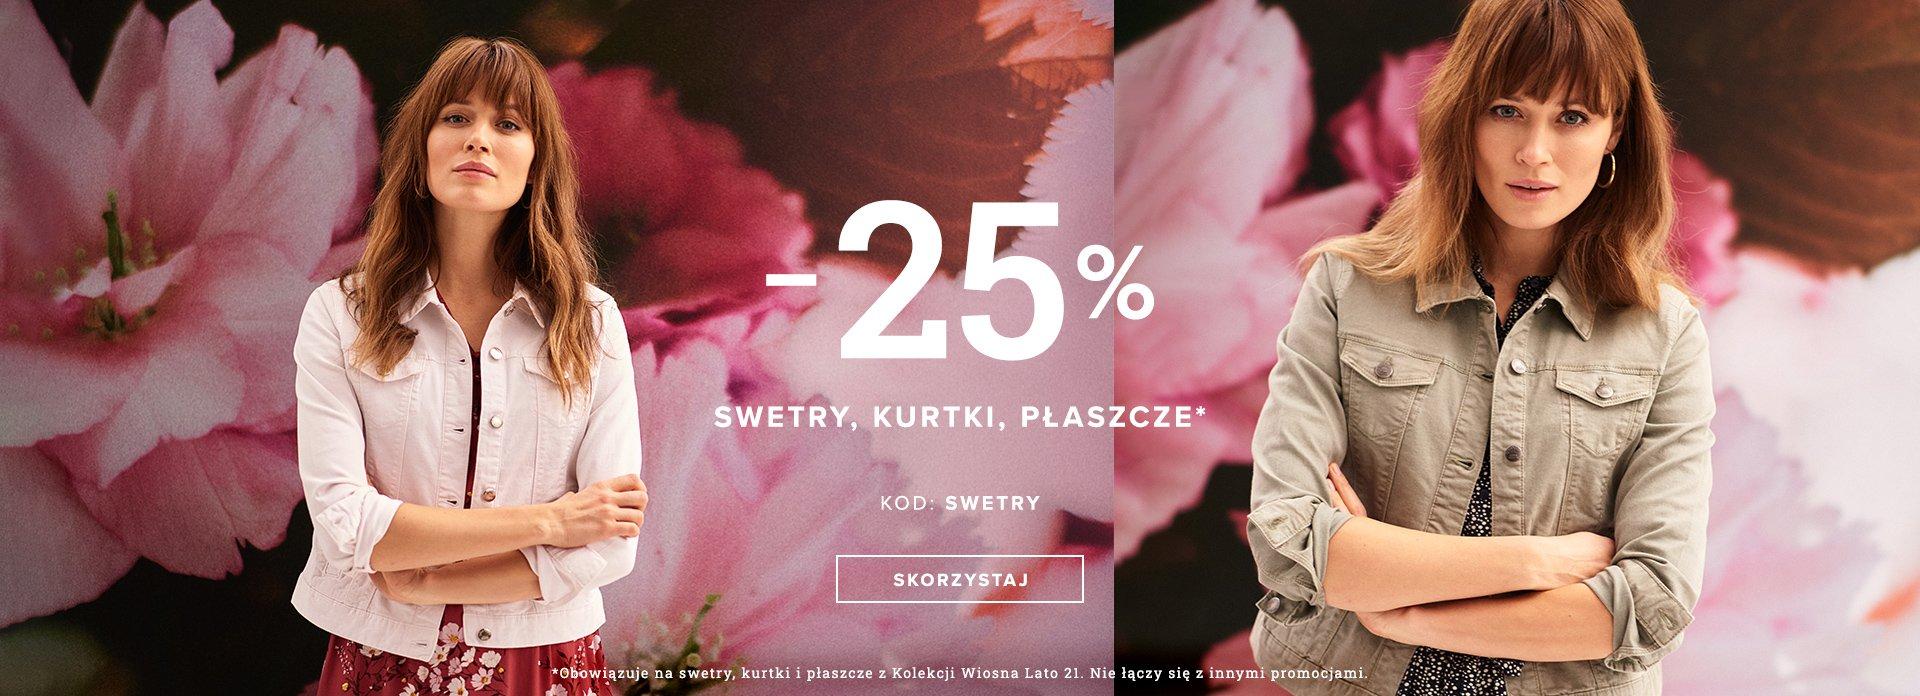 Greenpoint: 25% zniżki na swetry, kurtki i płaszcze